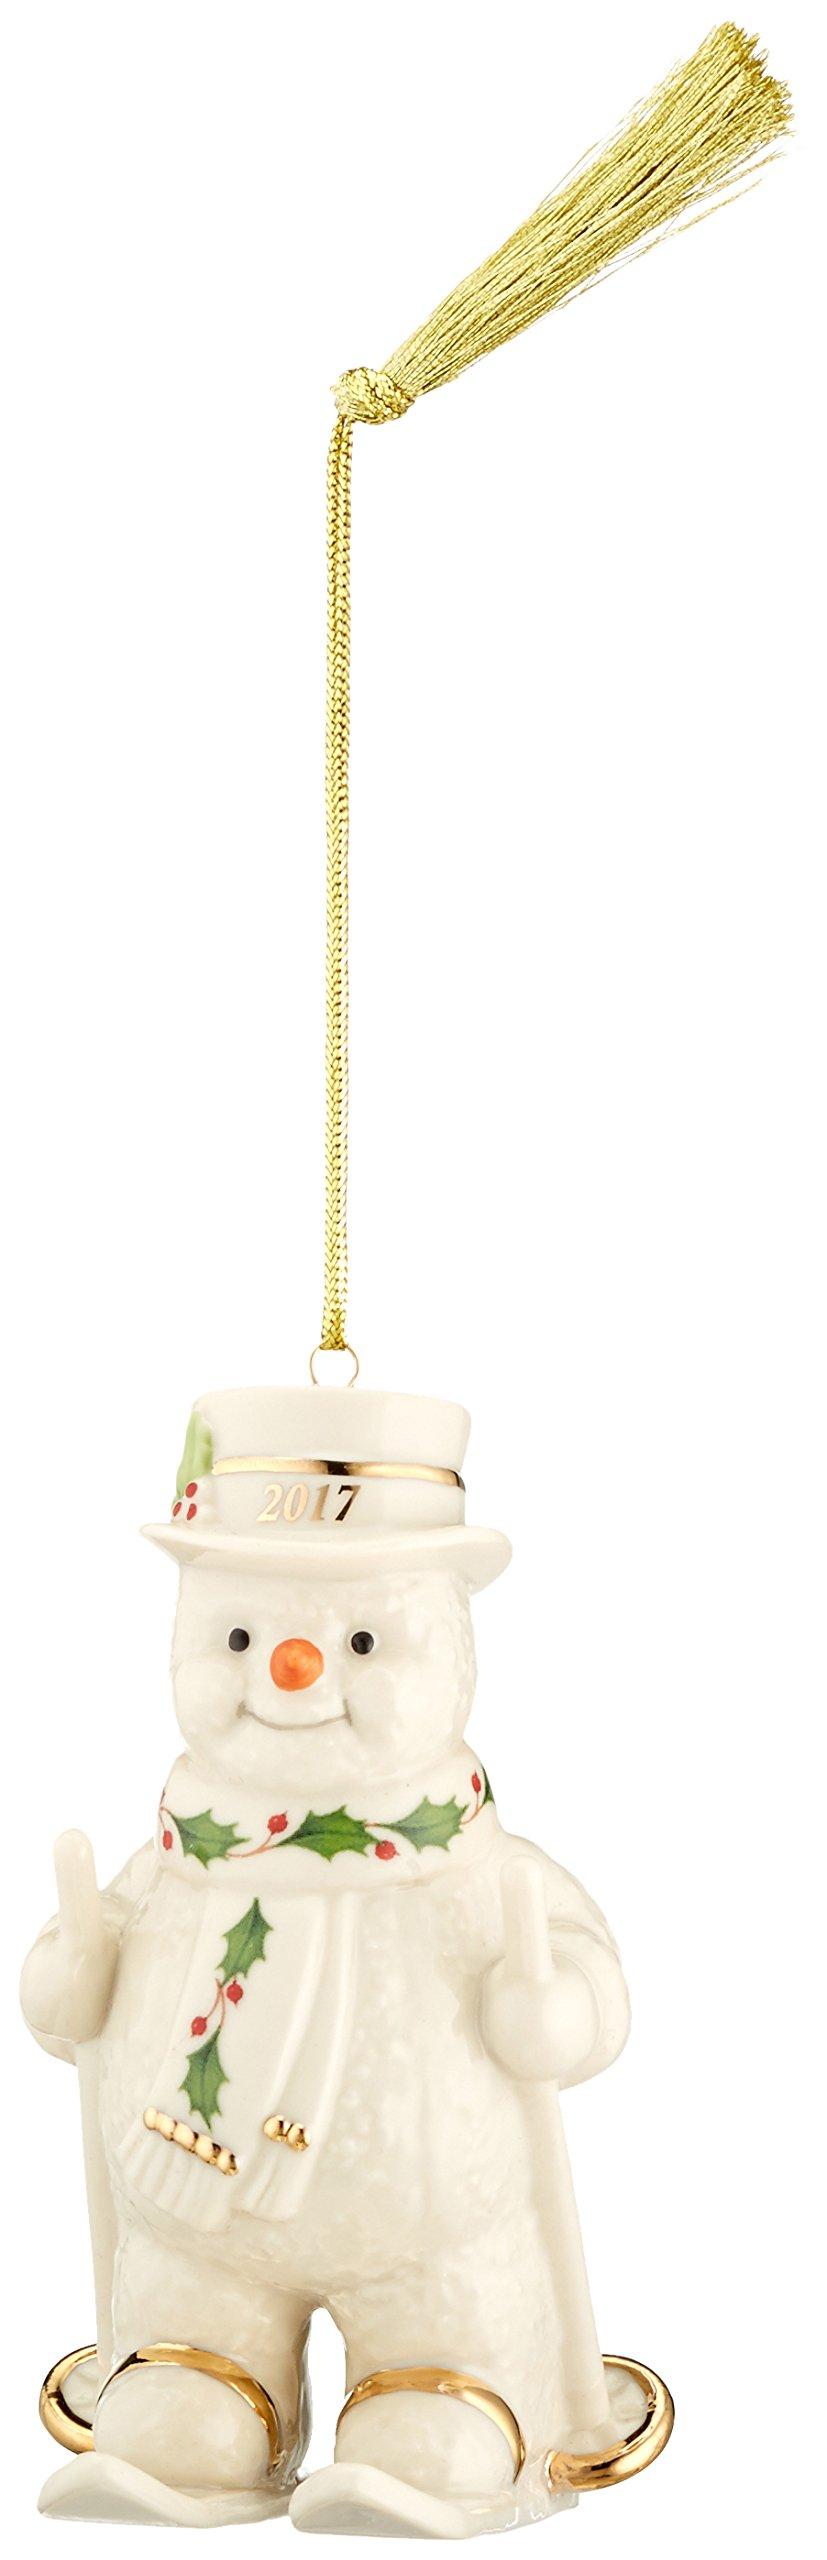 Lenox 869900 Annual China Ornaments 2017 Happy Holly Days Fresh Powder Snowman